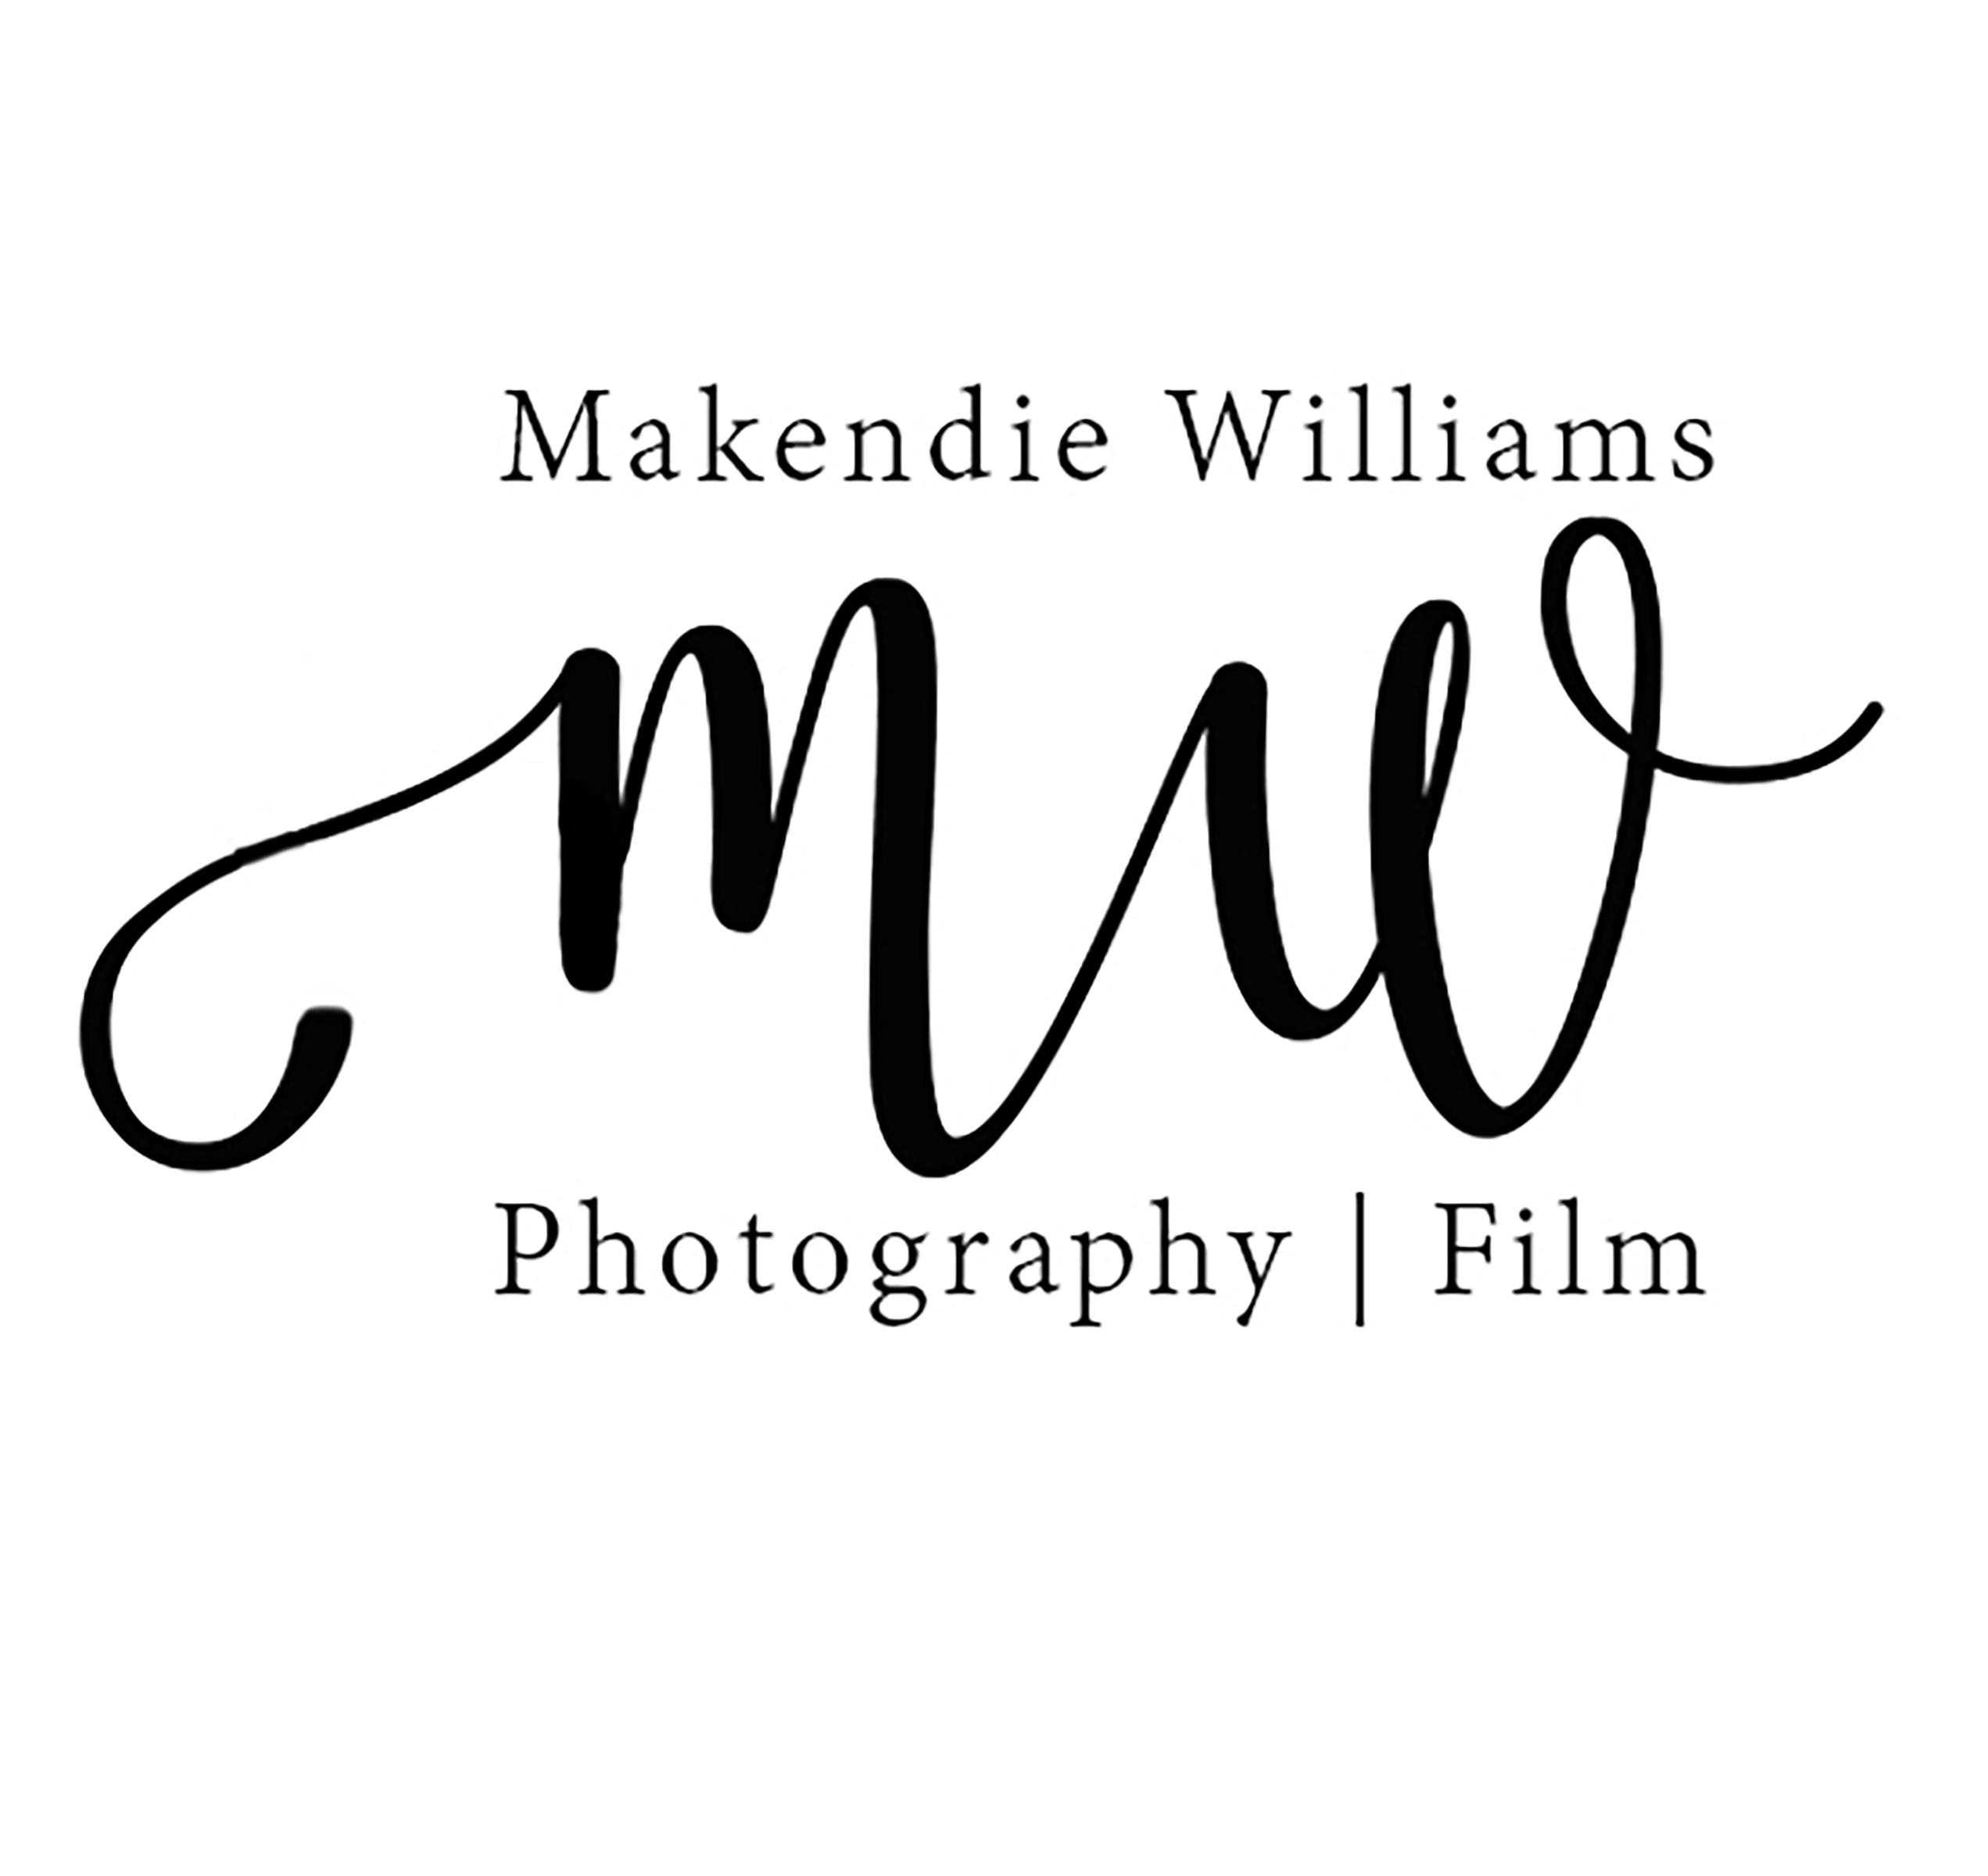 Makendie Williams